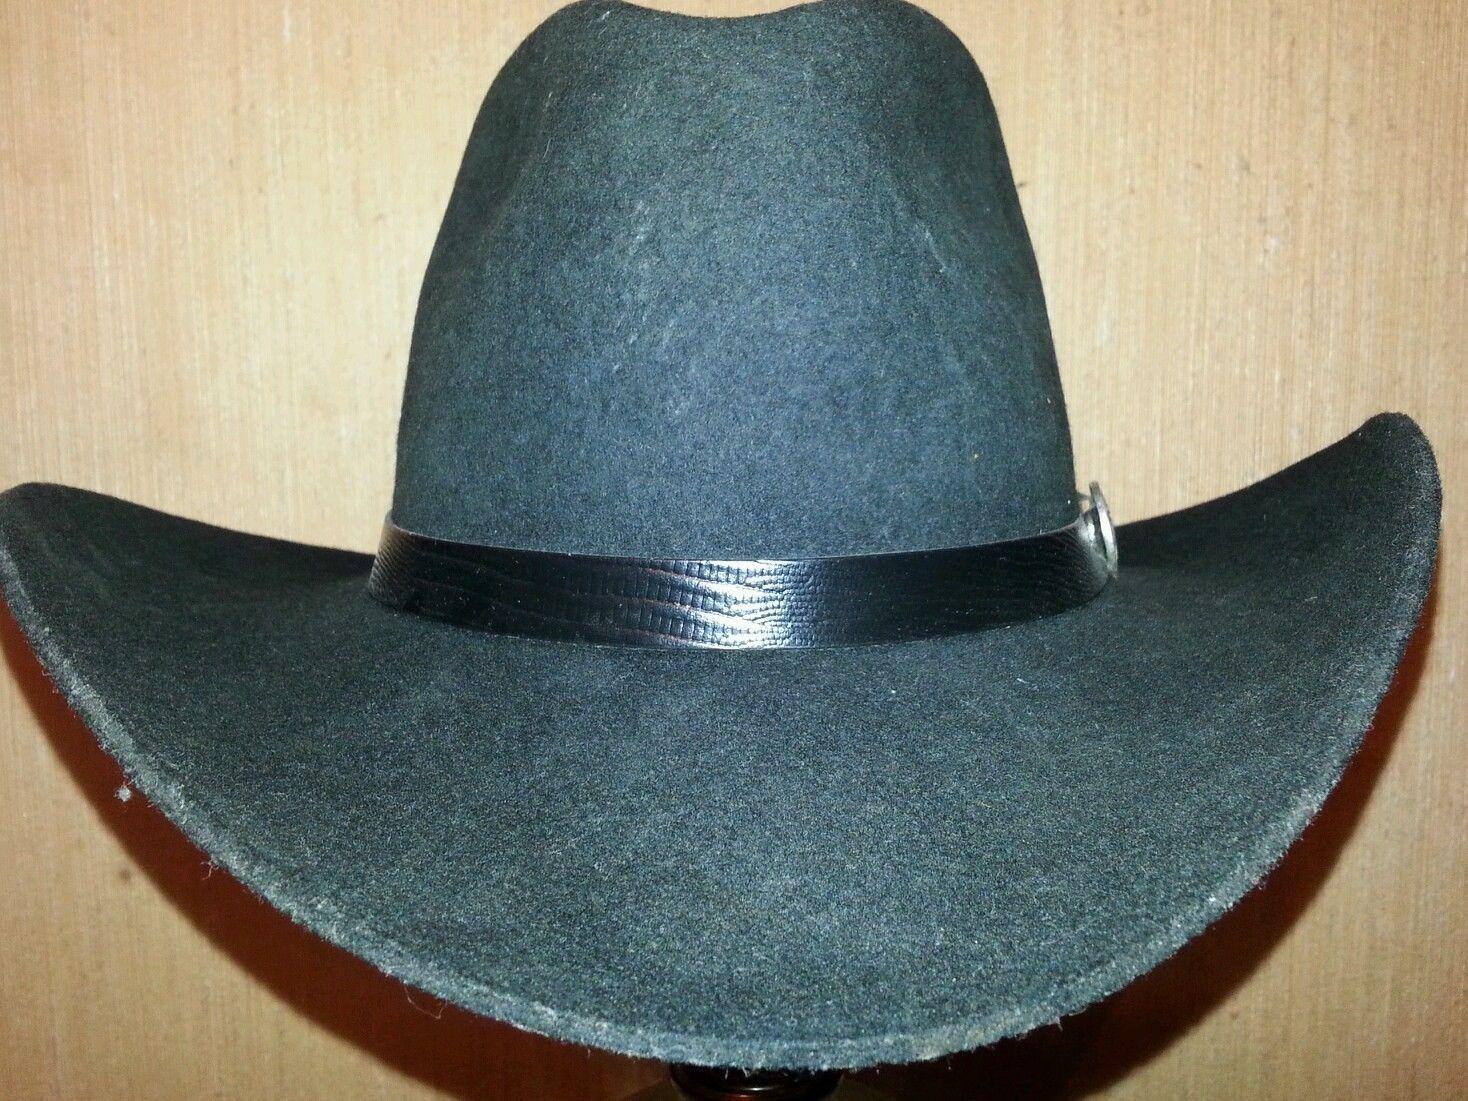 79401a0232a0d Dale Earnhardt Sr. Signature Series Black Stetson Cowboy Hat - Size 7.25